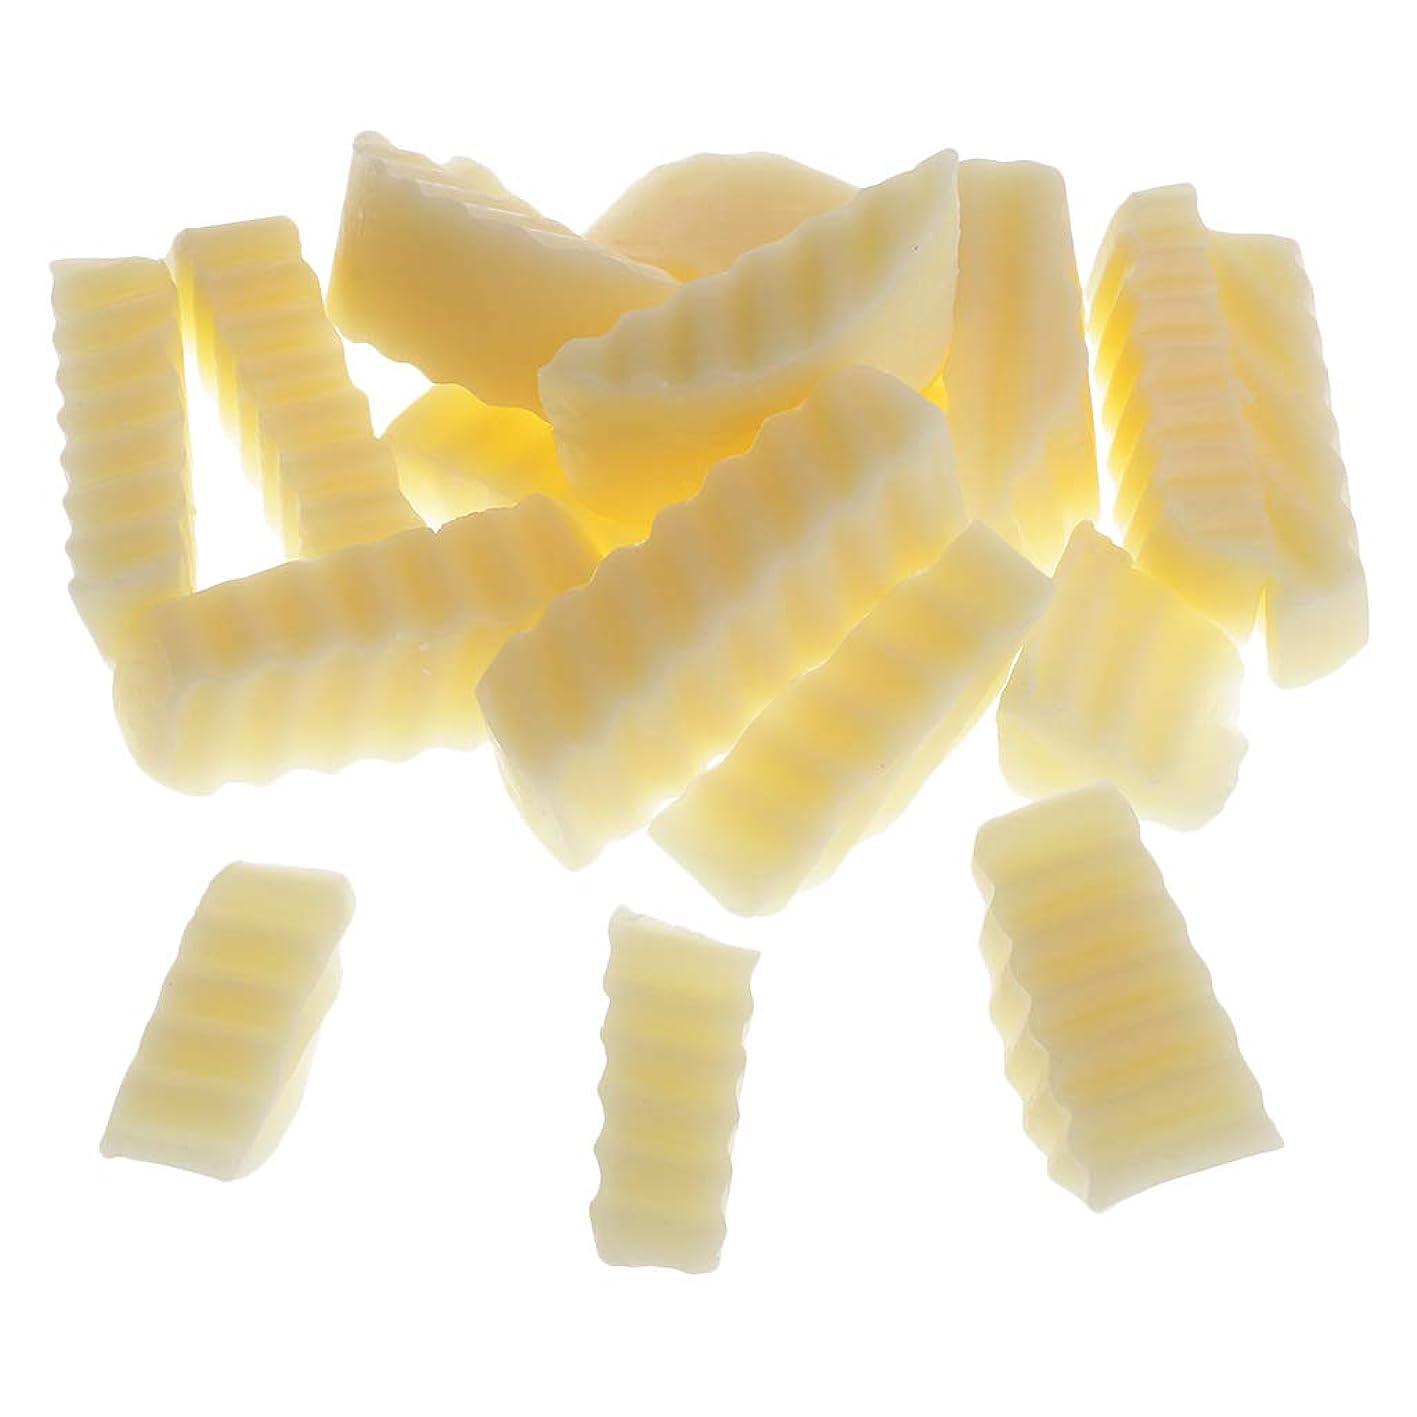 エーカー一人で増幅FLAMEER ラノリン石鹸 自然な素材 DIY手作り 石鹸 固形せっけん 約250g /パック 高品質